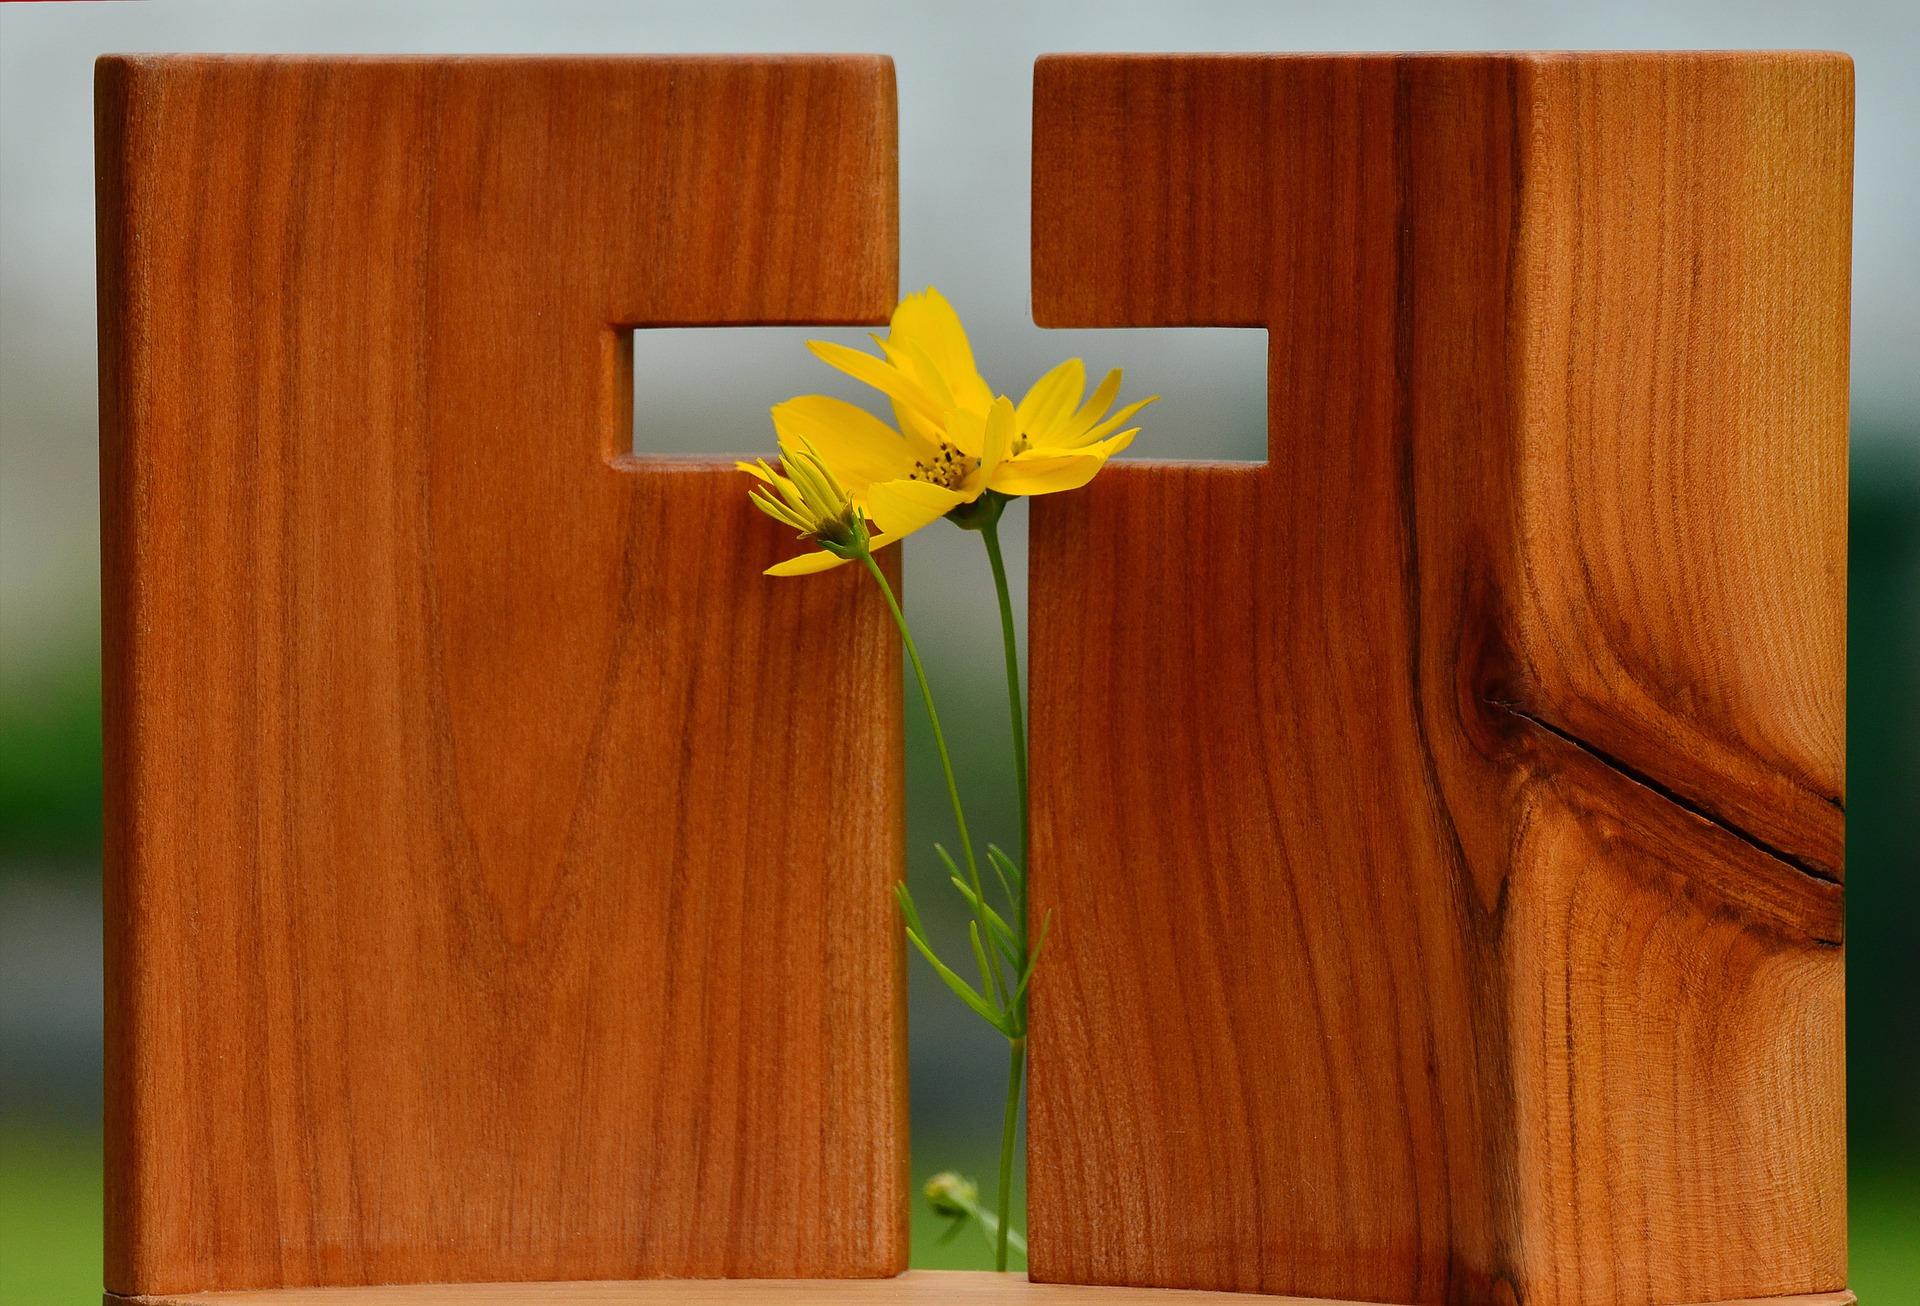 W Polsce duży odsetek ludzi deklaruje bycie katolikami. Wielu jest jednak niepraktykujących lub nie znających podstaw wiary. Dlatego zapraszamy do quizu o wiedzy na temat zmartwychwstania Jezusa i Wielkanocy, największego święta katolickiego.